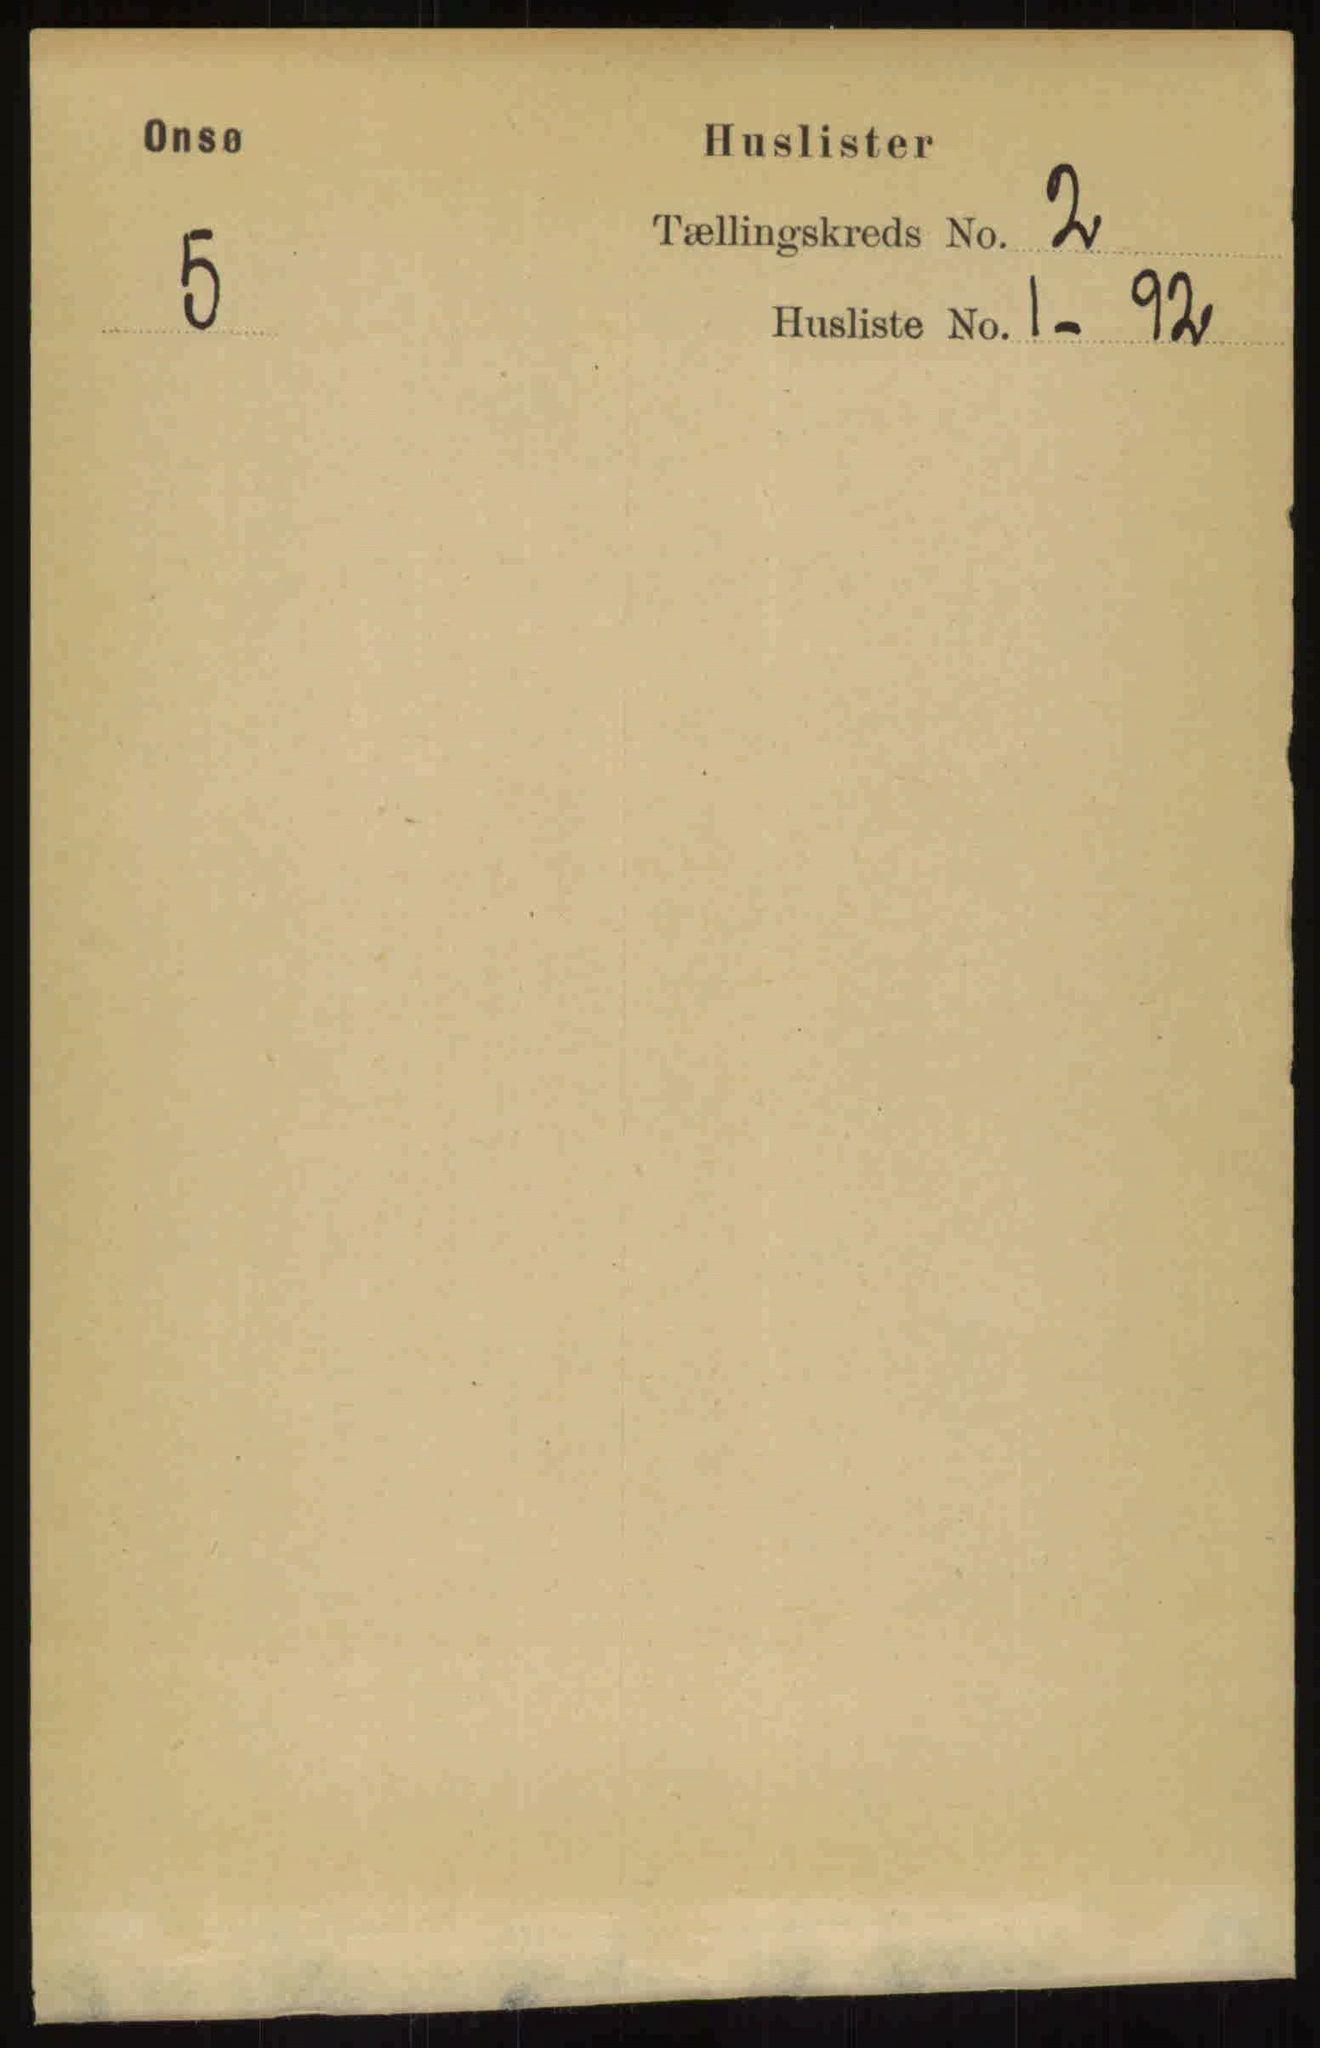 RA, Folketelling 1891 for 0134 Onsøy herred, 1891, s. 810